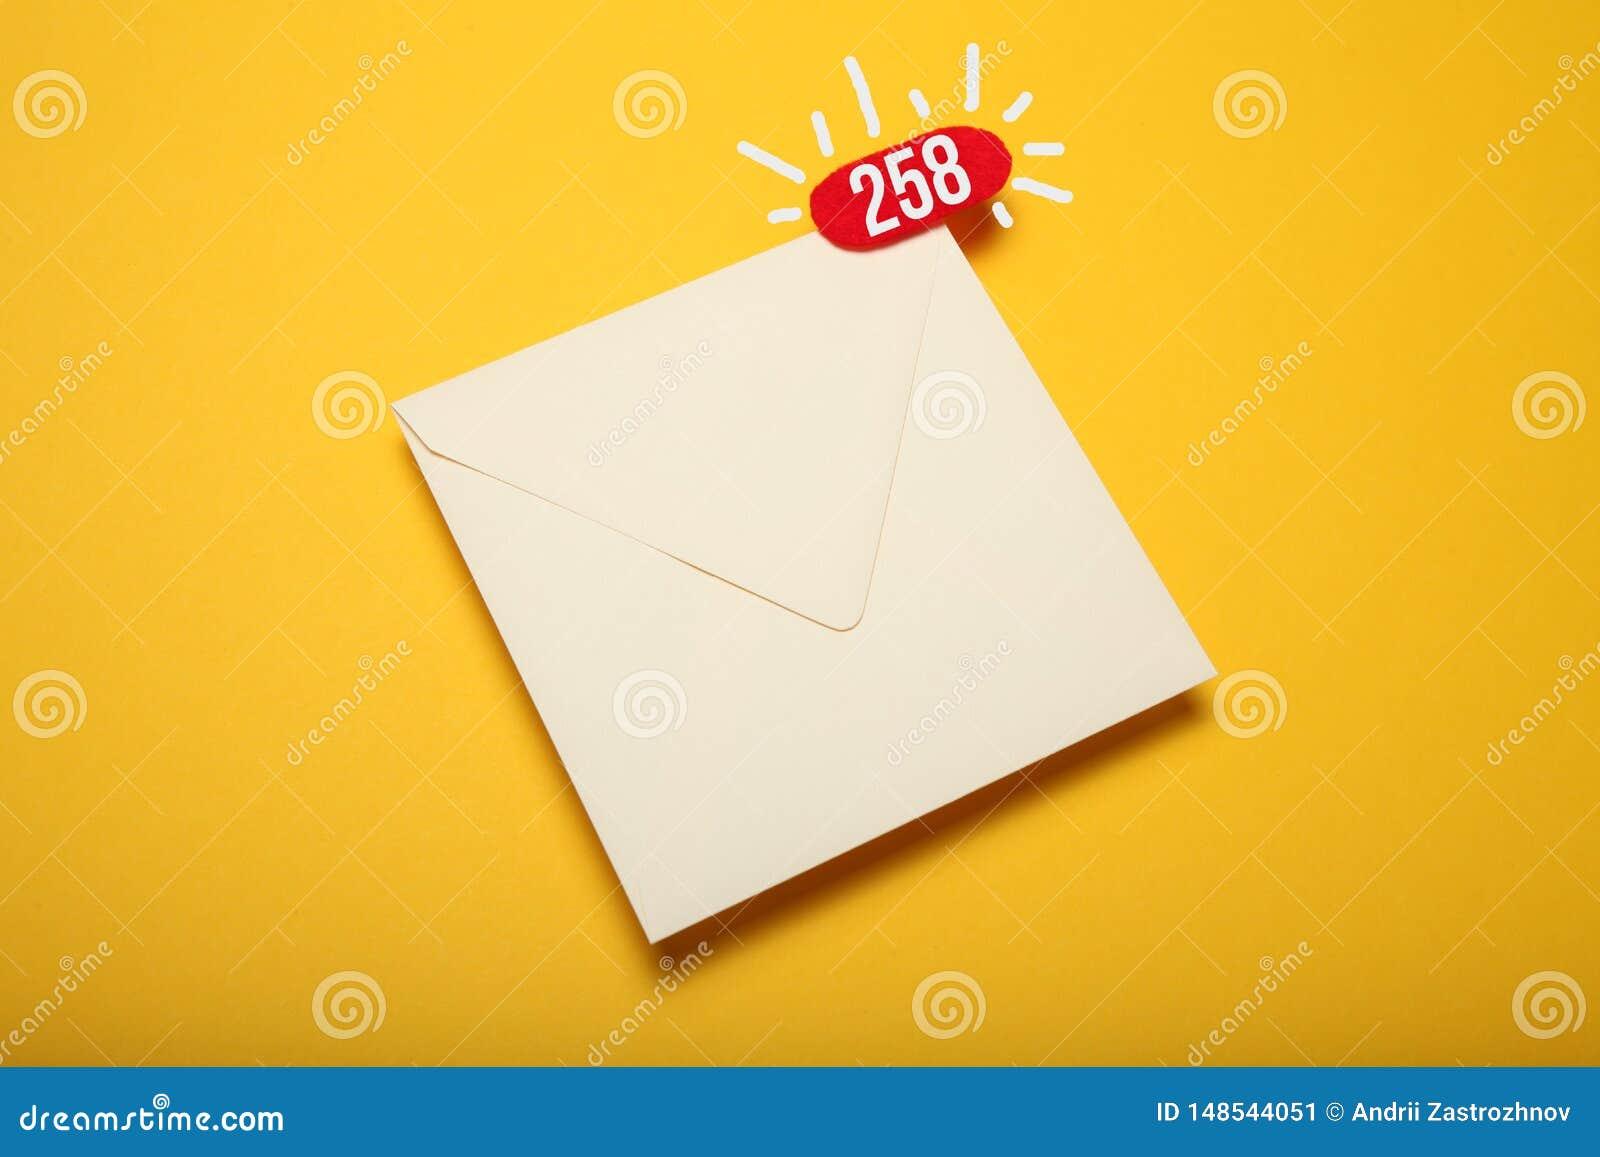 Κόκκινος κύκλος στην επιστολή ταχυδρομείου, έννοια επικοινωνίας Αλληλογραφία διευθύνσεων